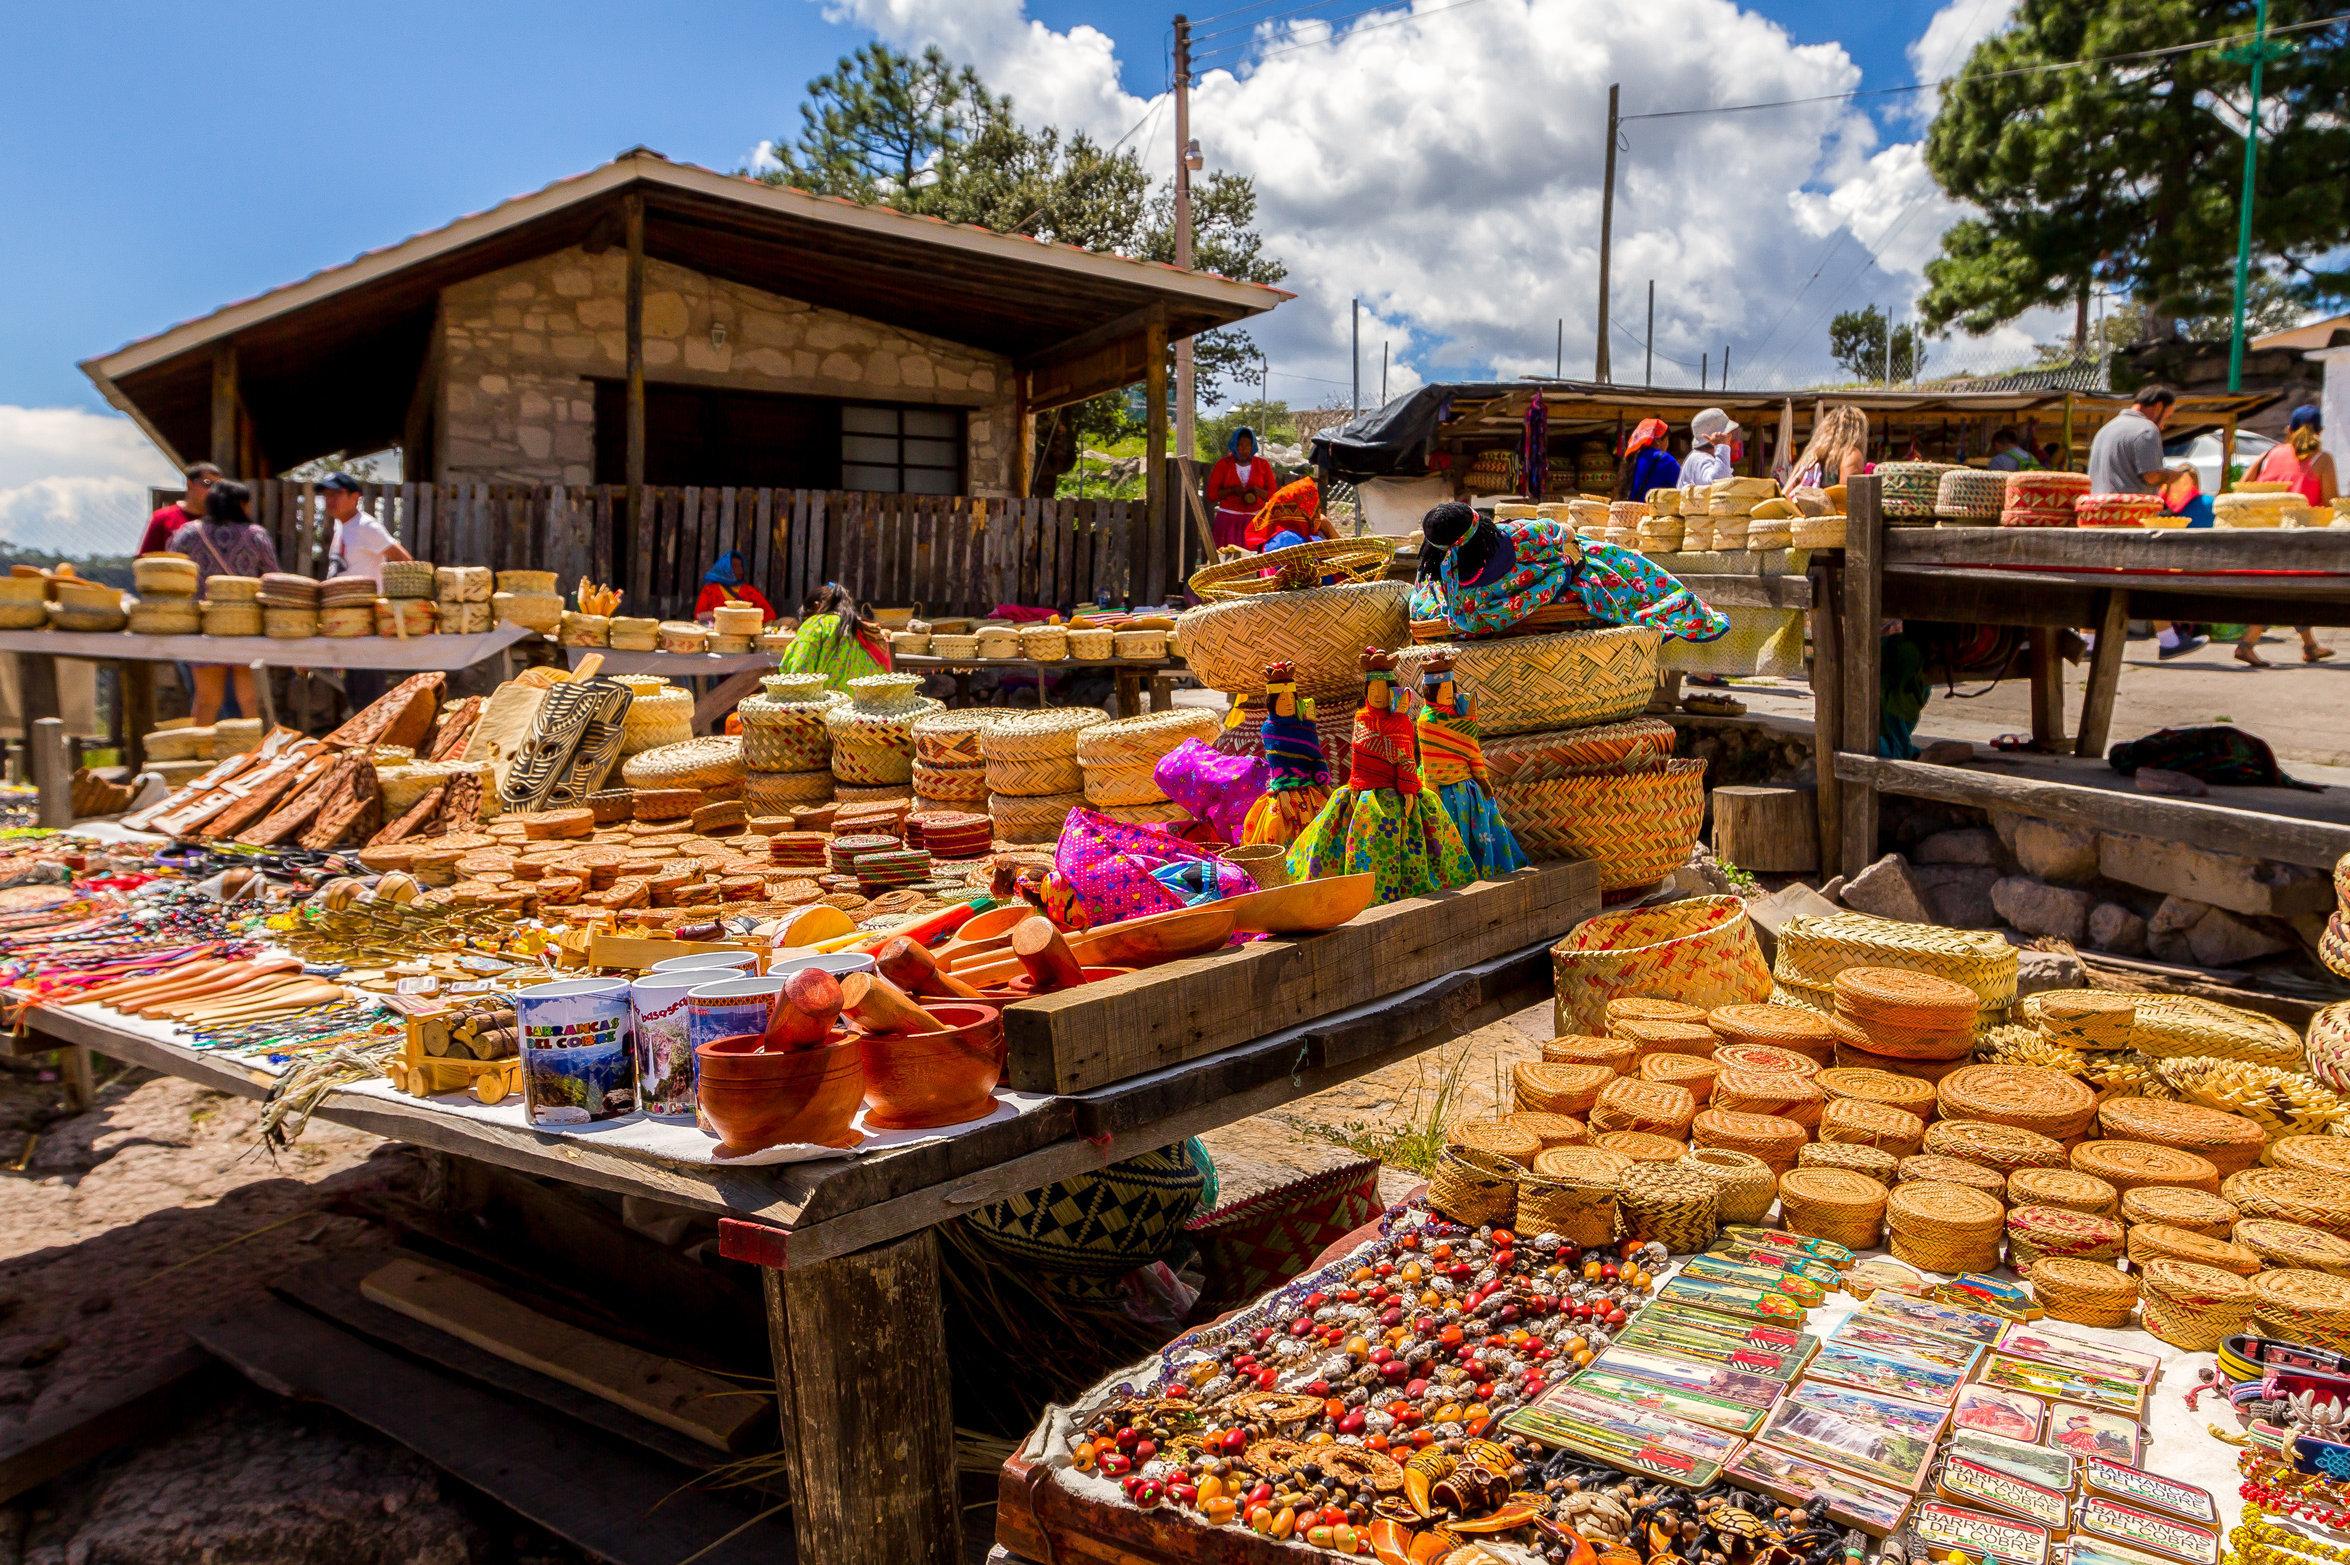 Artesanía de los tarahumaras